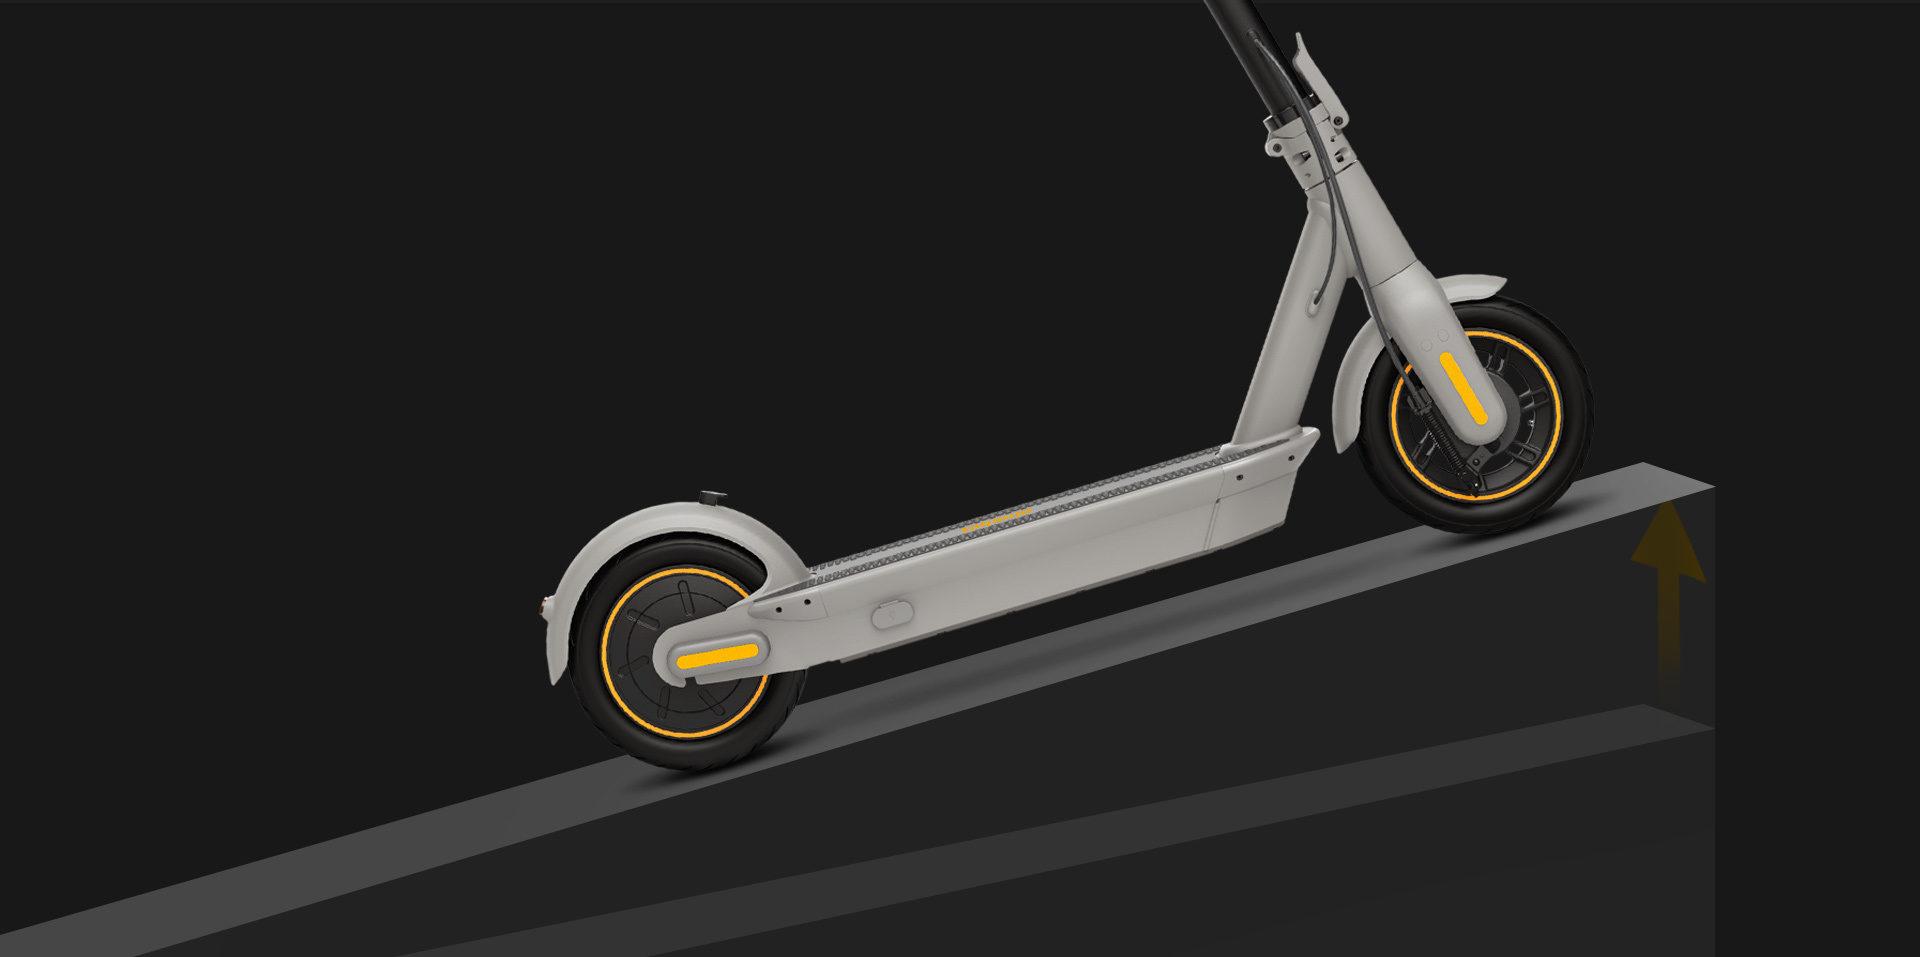 Traction arrière pour une expérience de conduite optimale